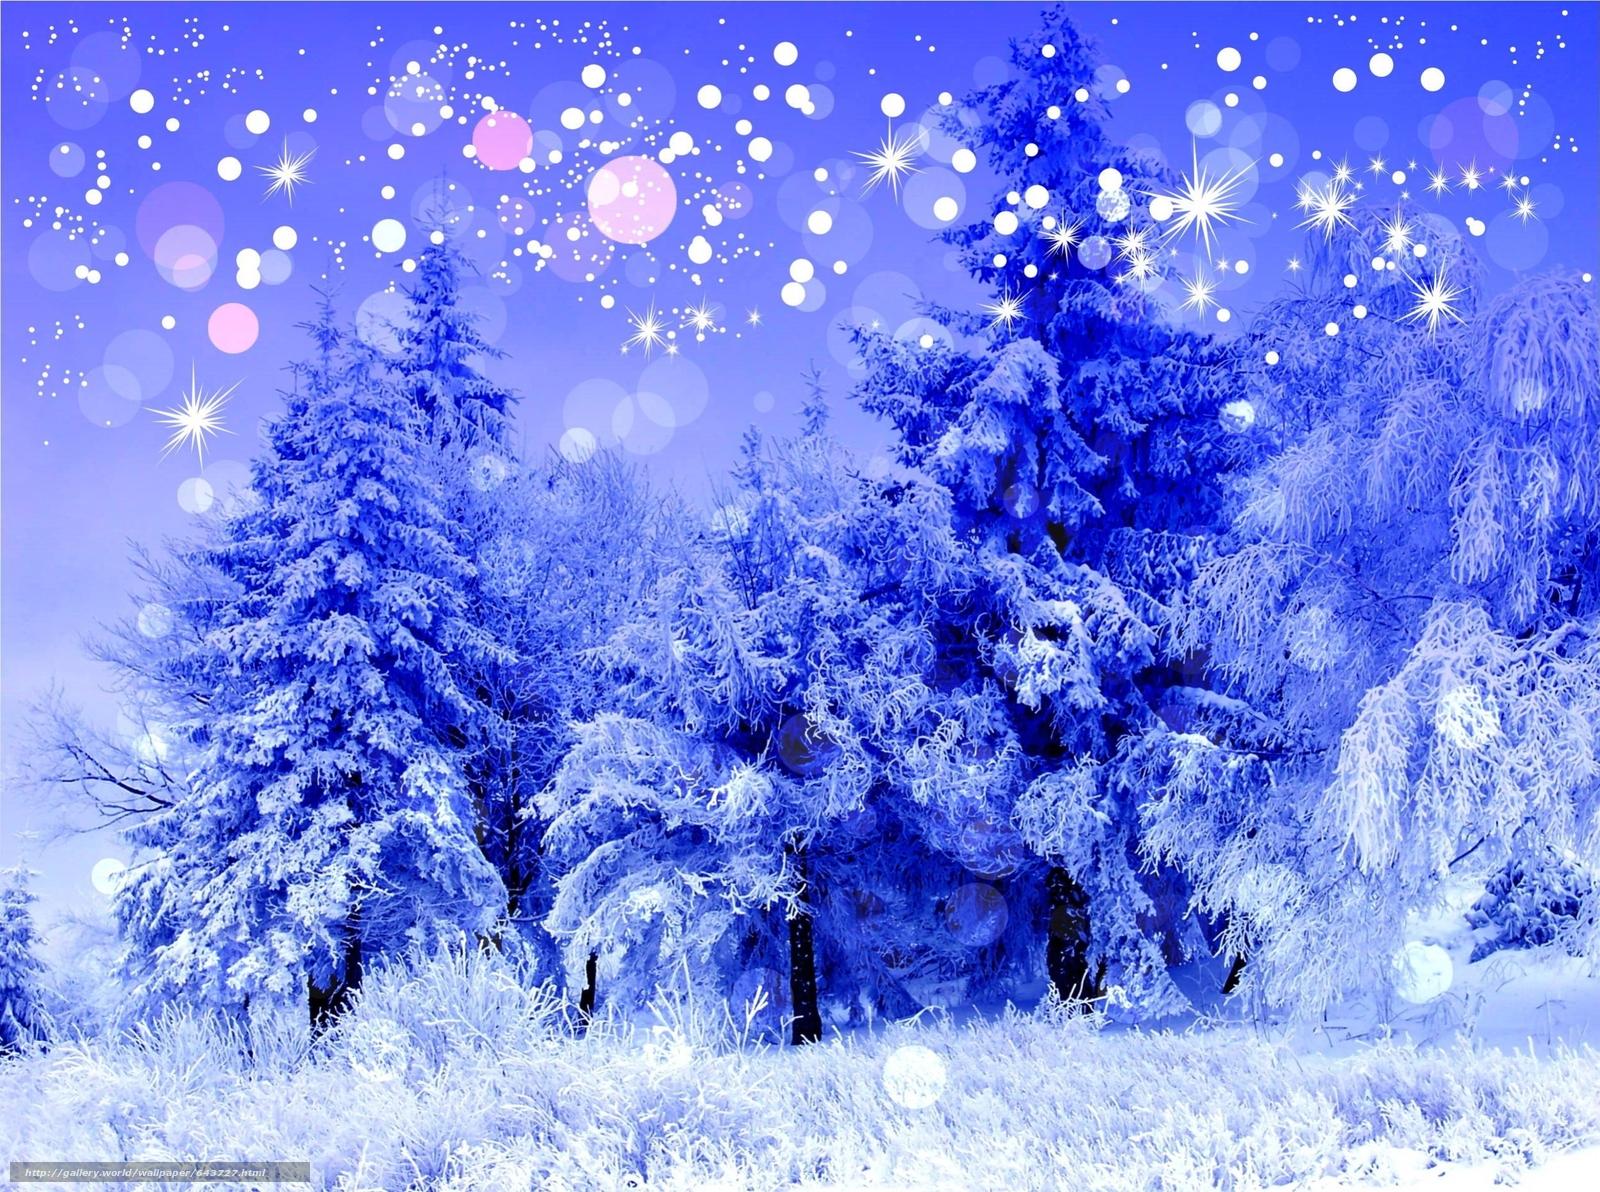 Скачать обои зима,  деревья,  снег,  иней бесплатно для рабочего стола в разрешении 2500x1862 — картинка №643727